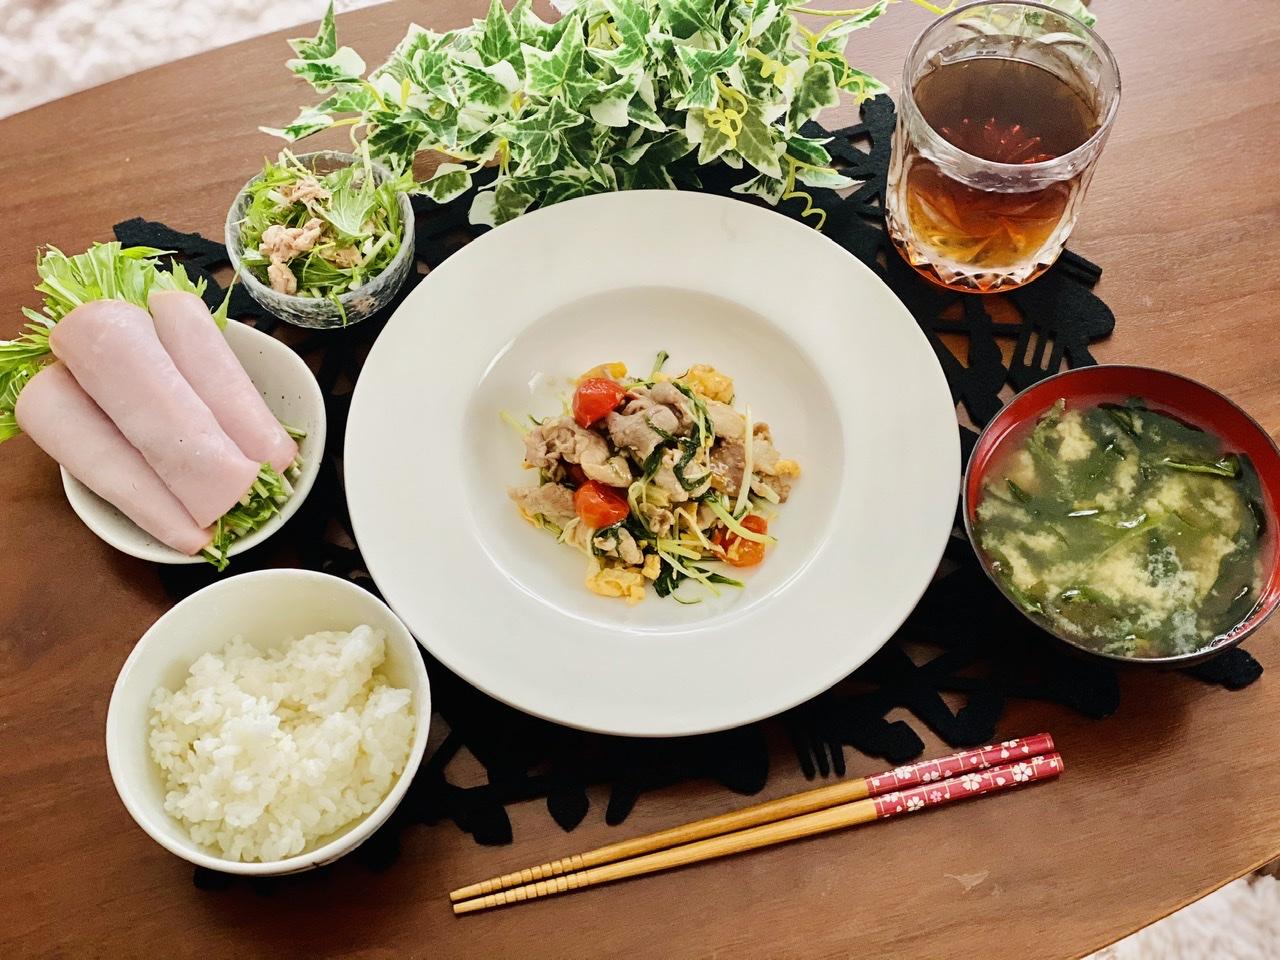 【今月のお家ごはん】アラサー女子の食卓!作り置きおかずでラク晩ご飯♡-Vol.16-_5